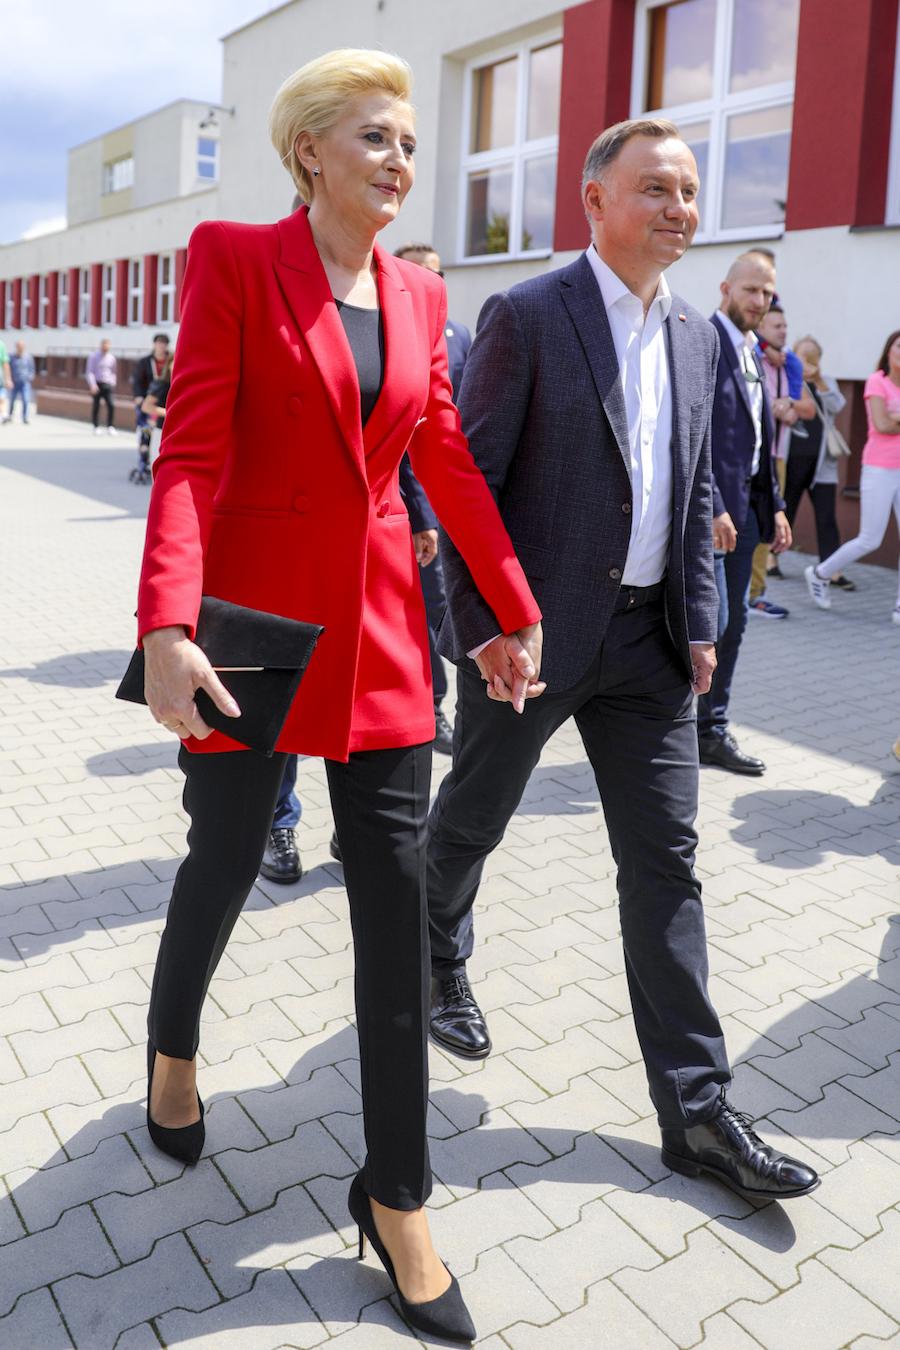 Prezydent i Pierwsza Dama na oficjalnym wystąpieniu.